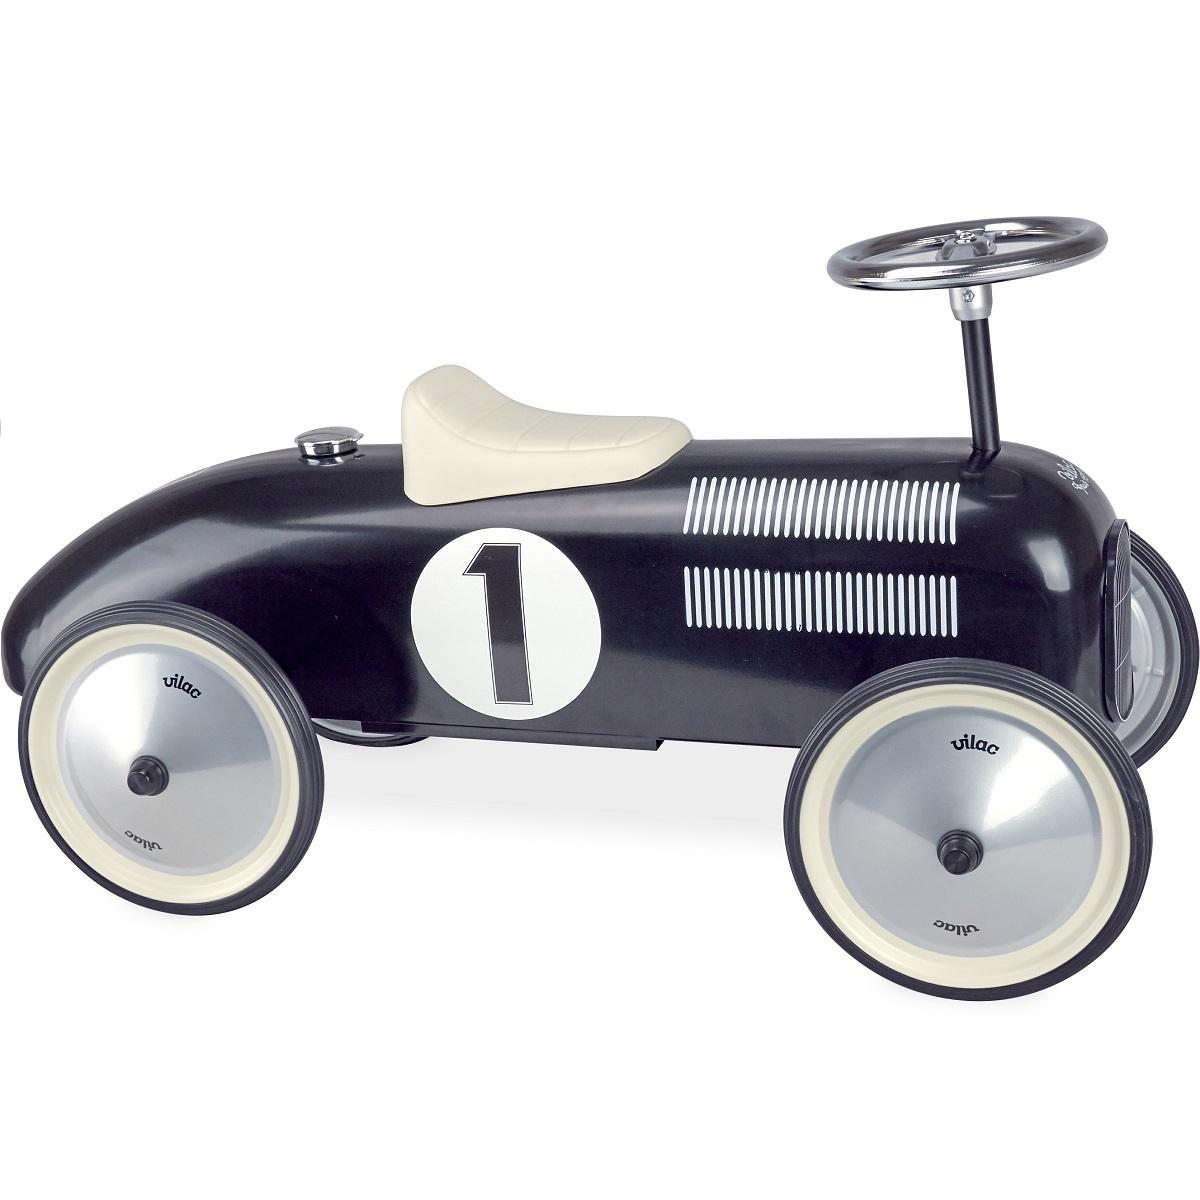 vilac porteur voiture vintage noir trotteur porteur vilac sur l 39 armoire de b b. Black Bedroom Furniture Sets. Home Design Ideas